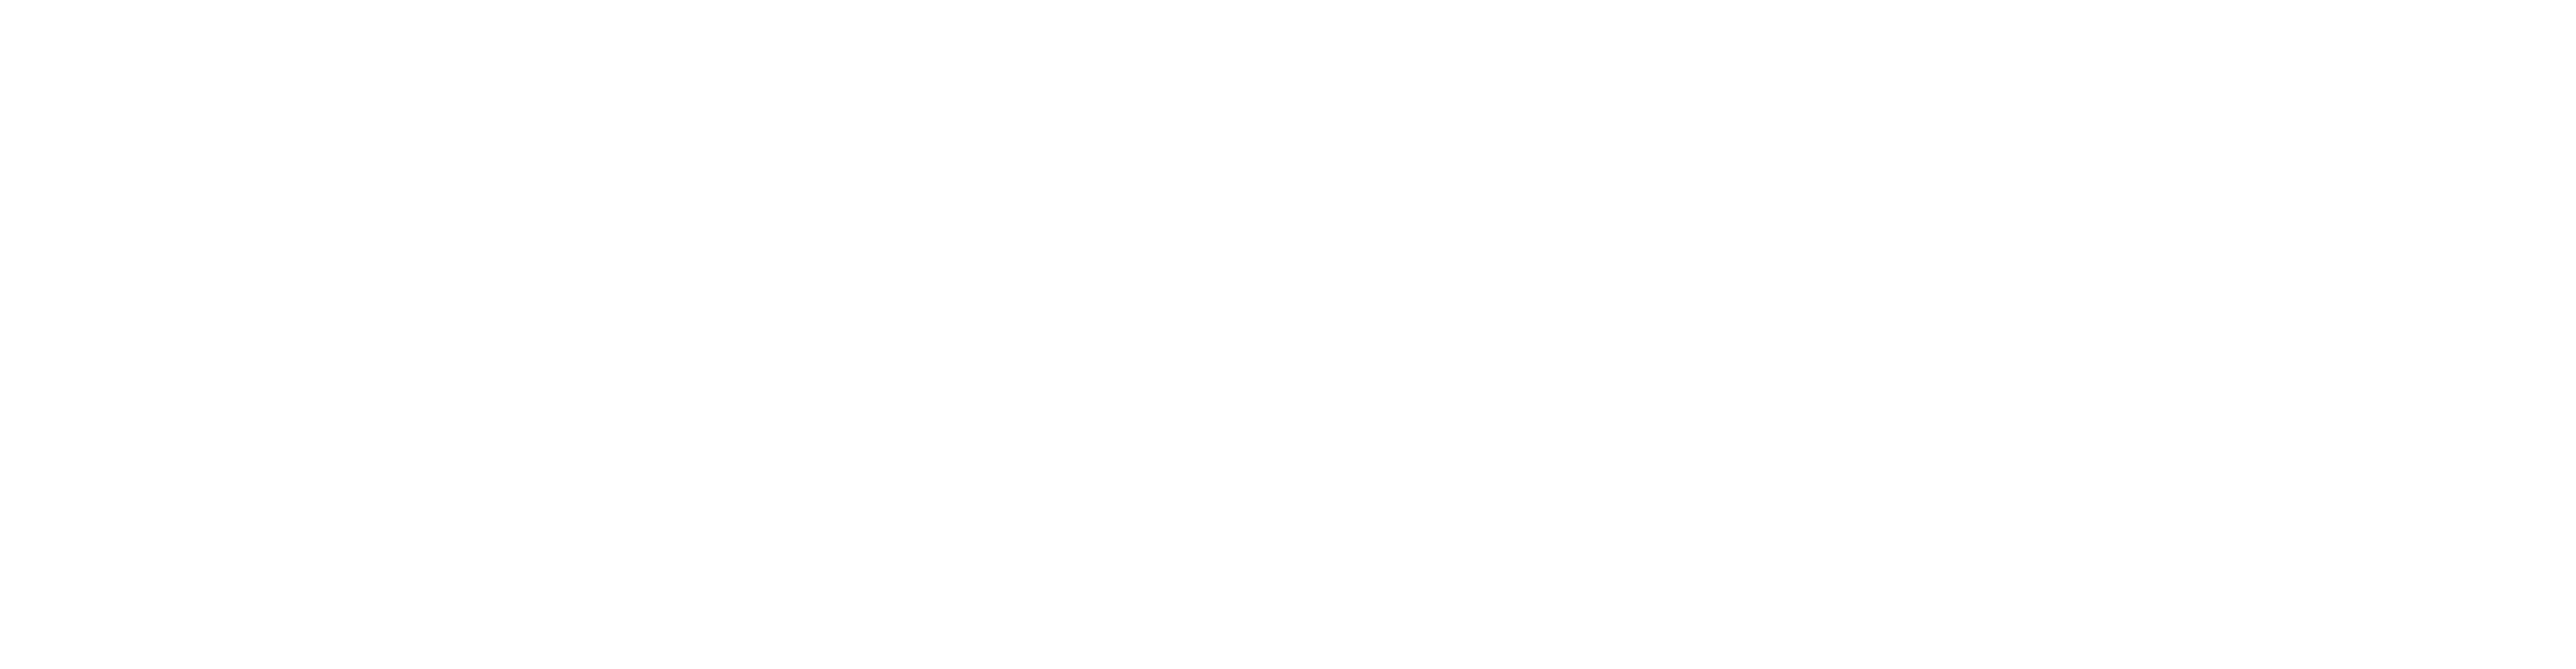 NCCR Digital Fabrication